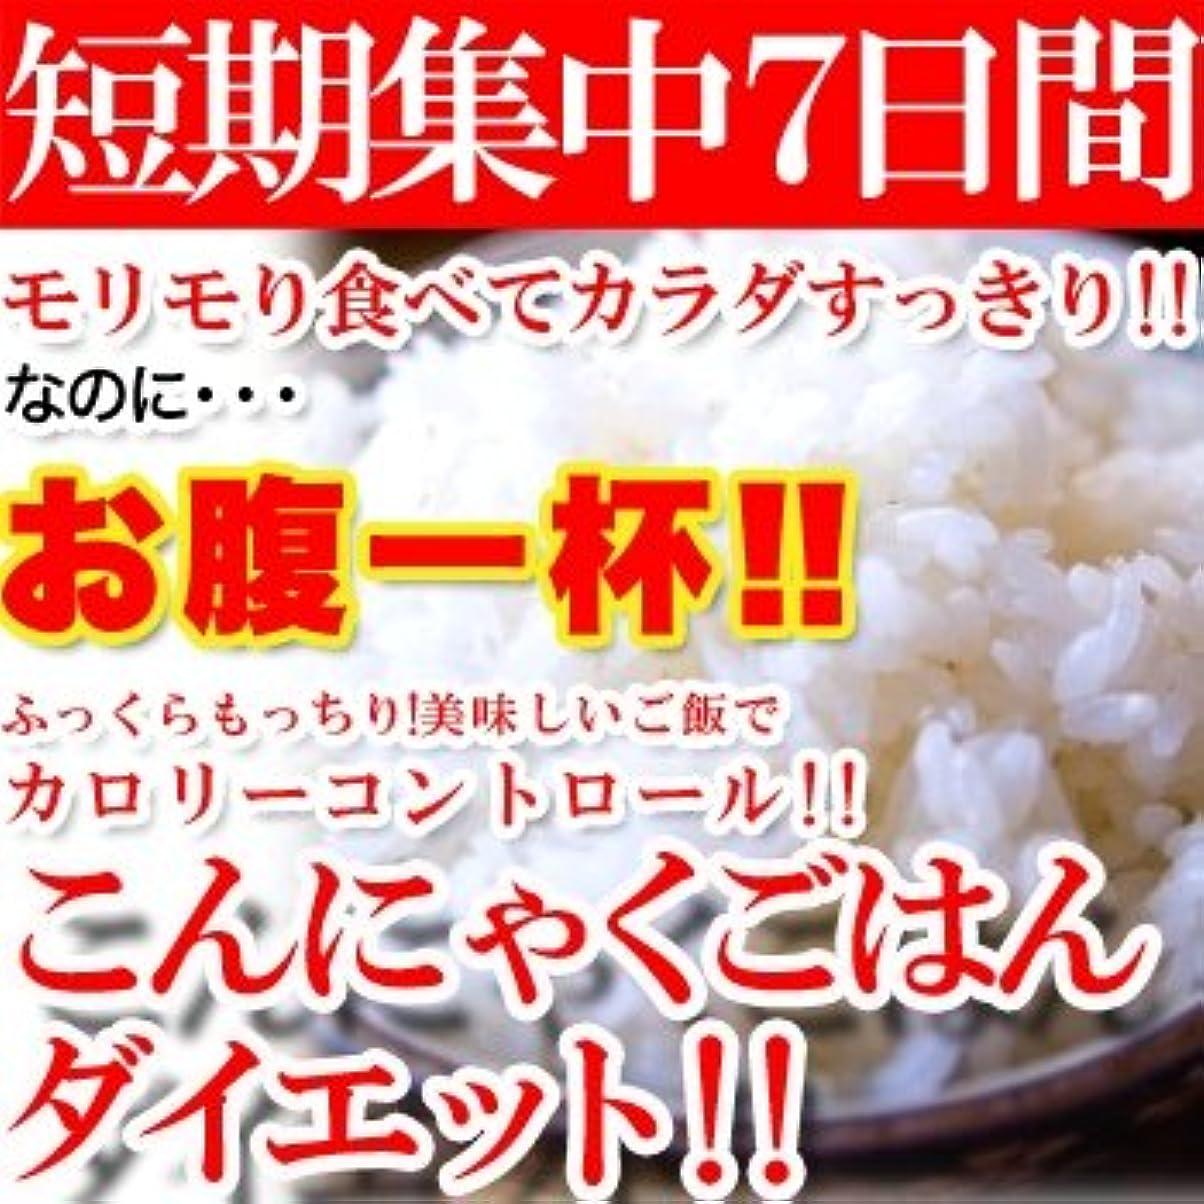 【短期集中☆】7日間こんにゃくごはんダイエット! 4個セット ※「白いご飯」、「炭水化物」好きの方必見!いつものご飯に混ぜて炊くだけ!